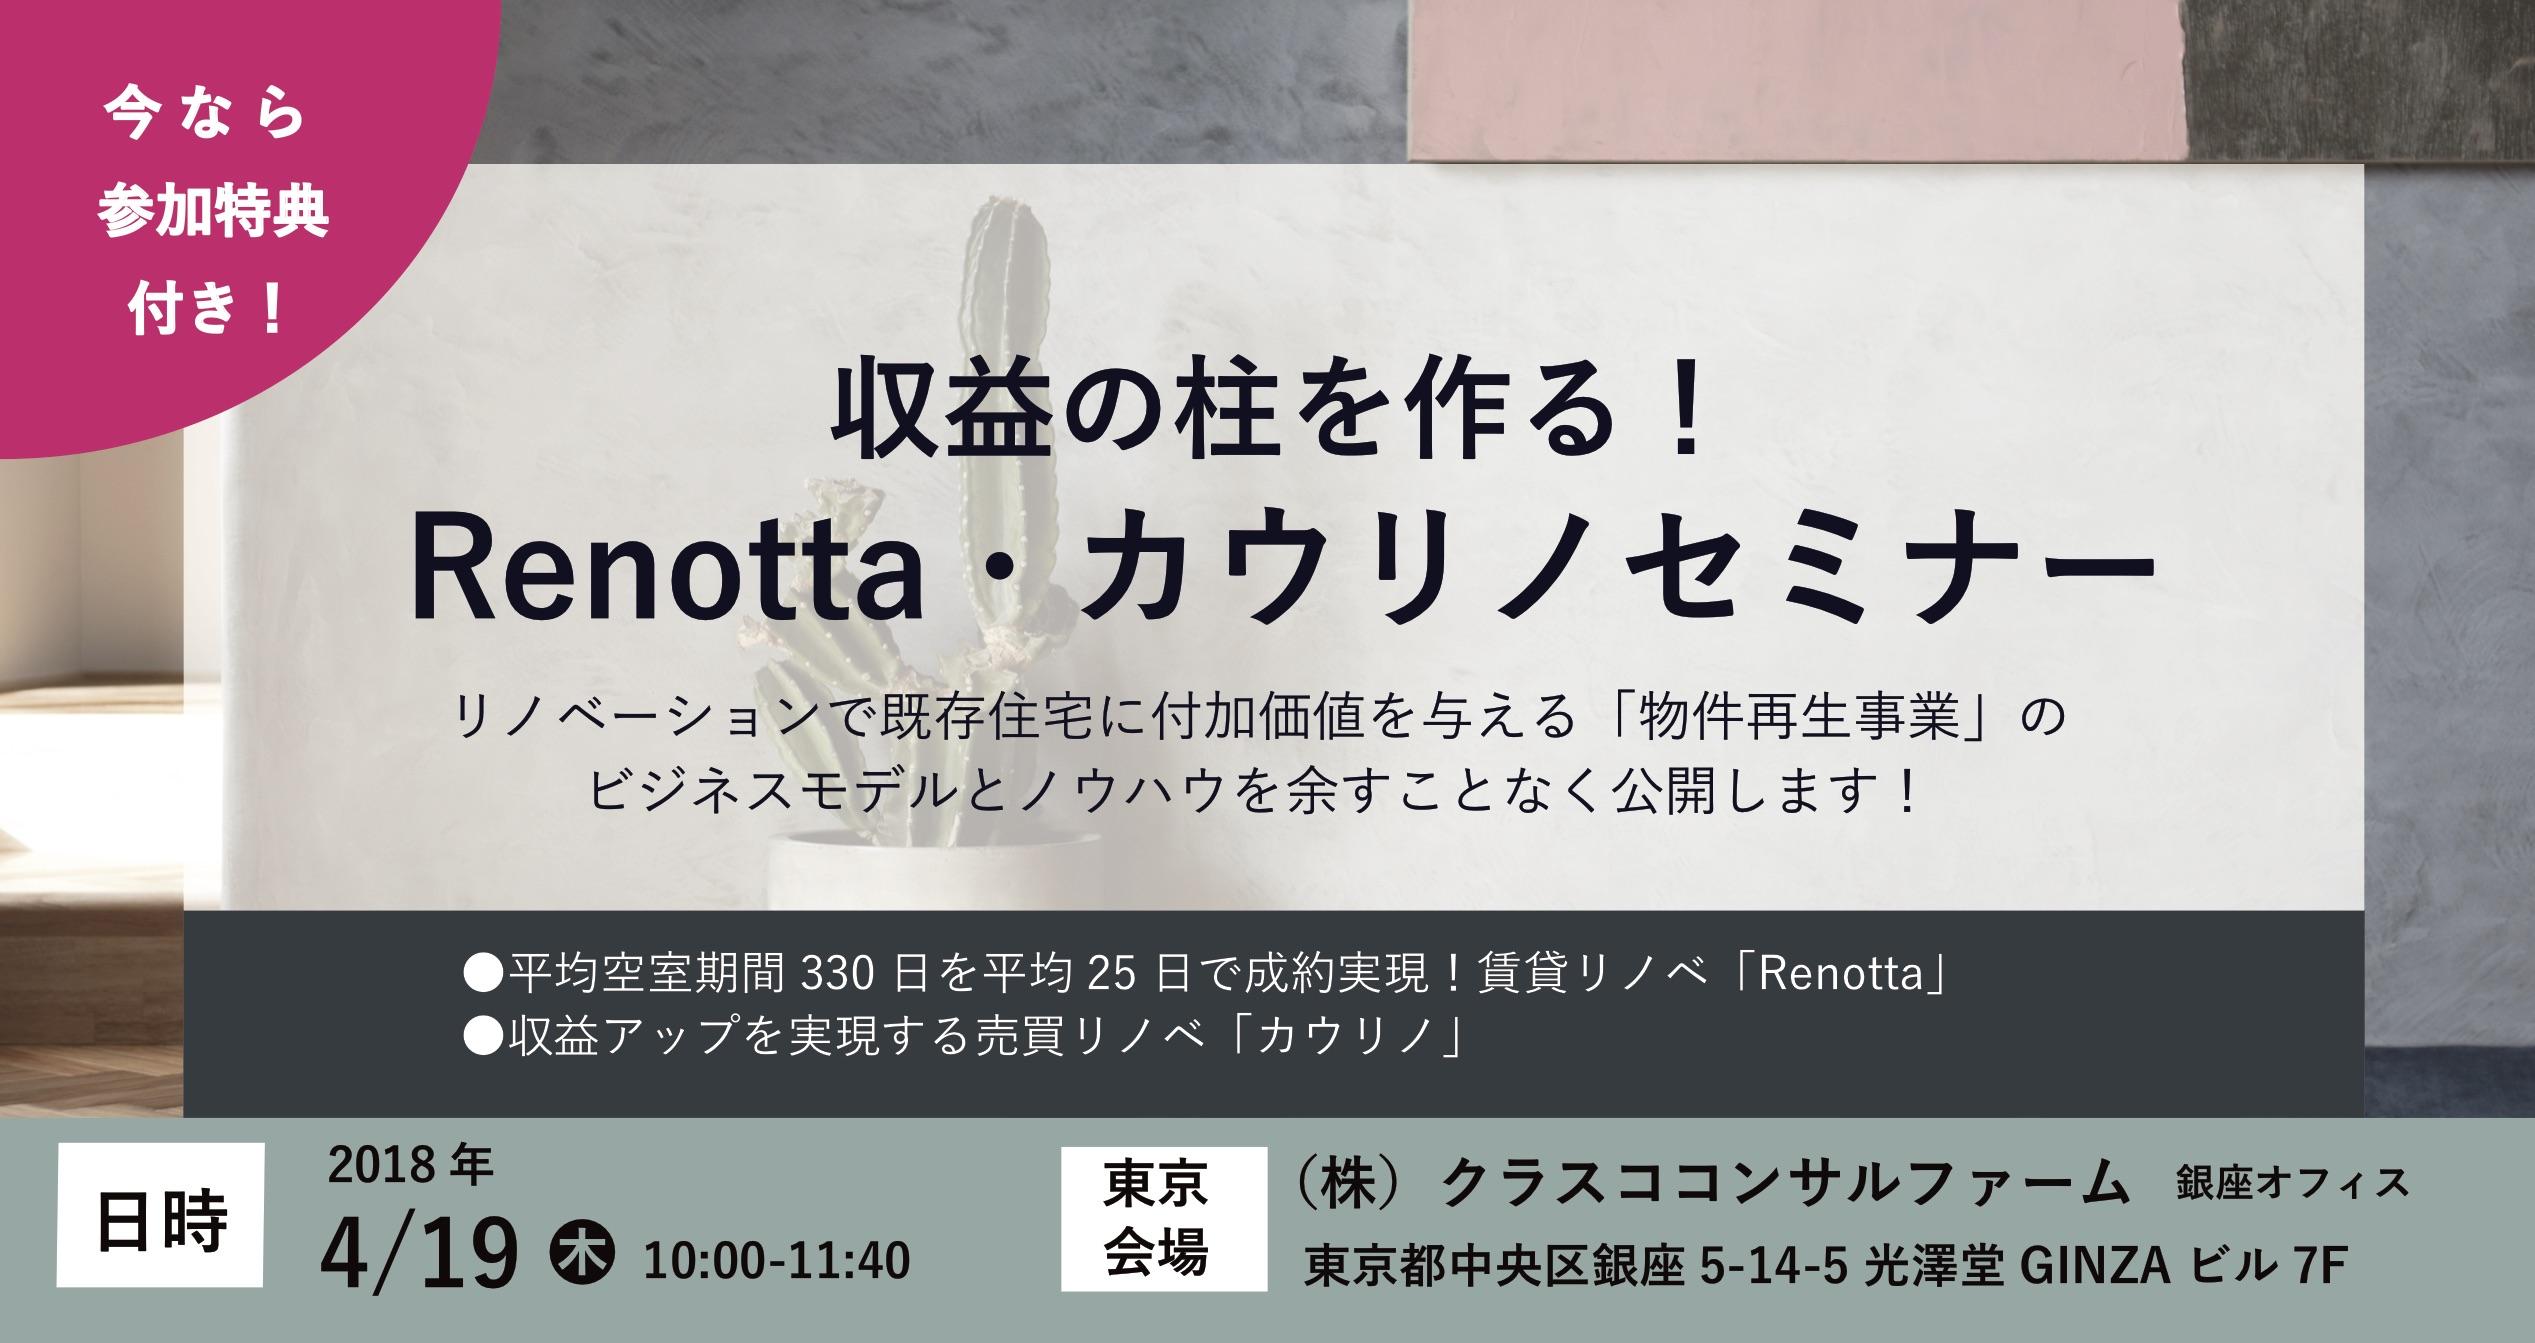 4/19(木)【東京】収益の柱を作る!Renotta・カウリノセミナー